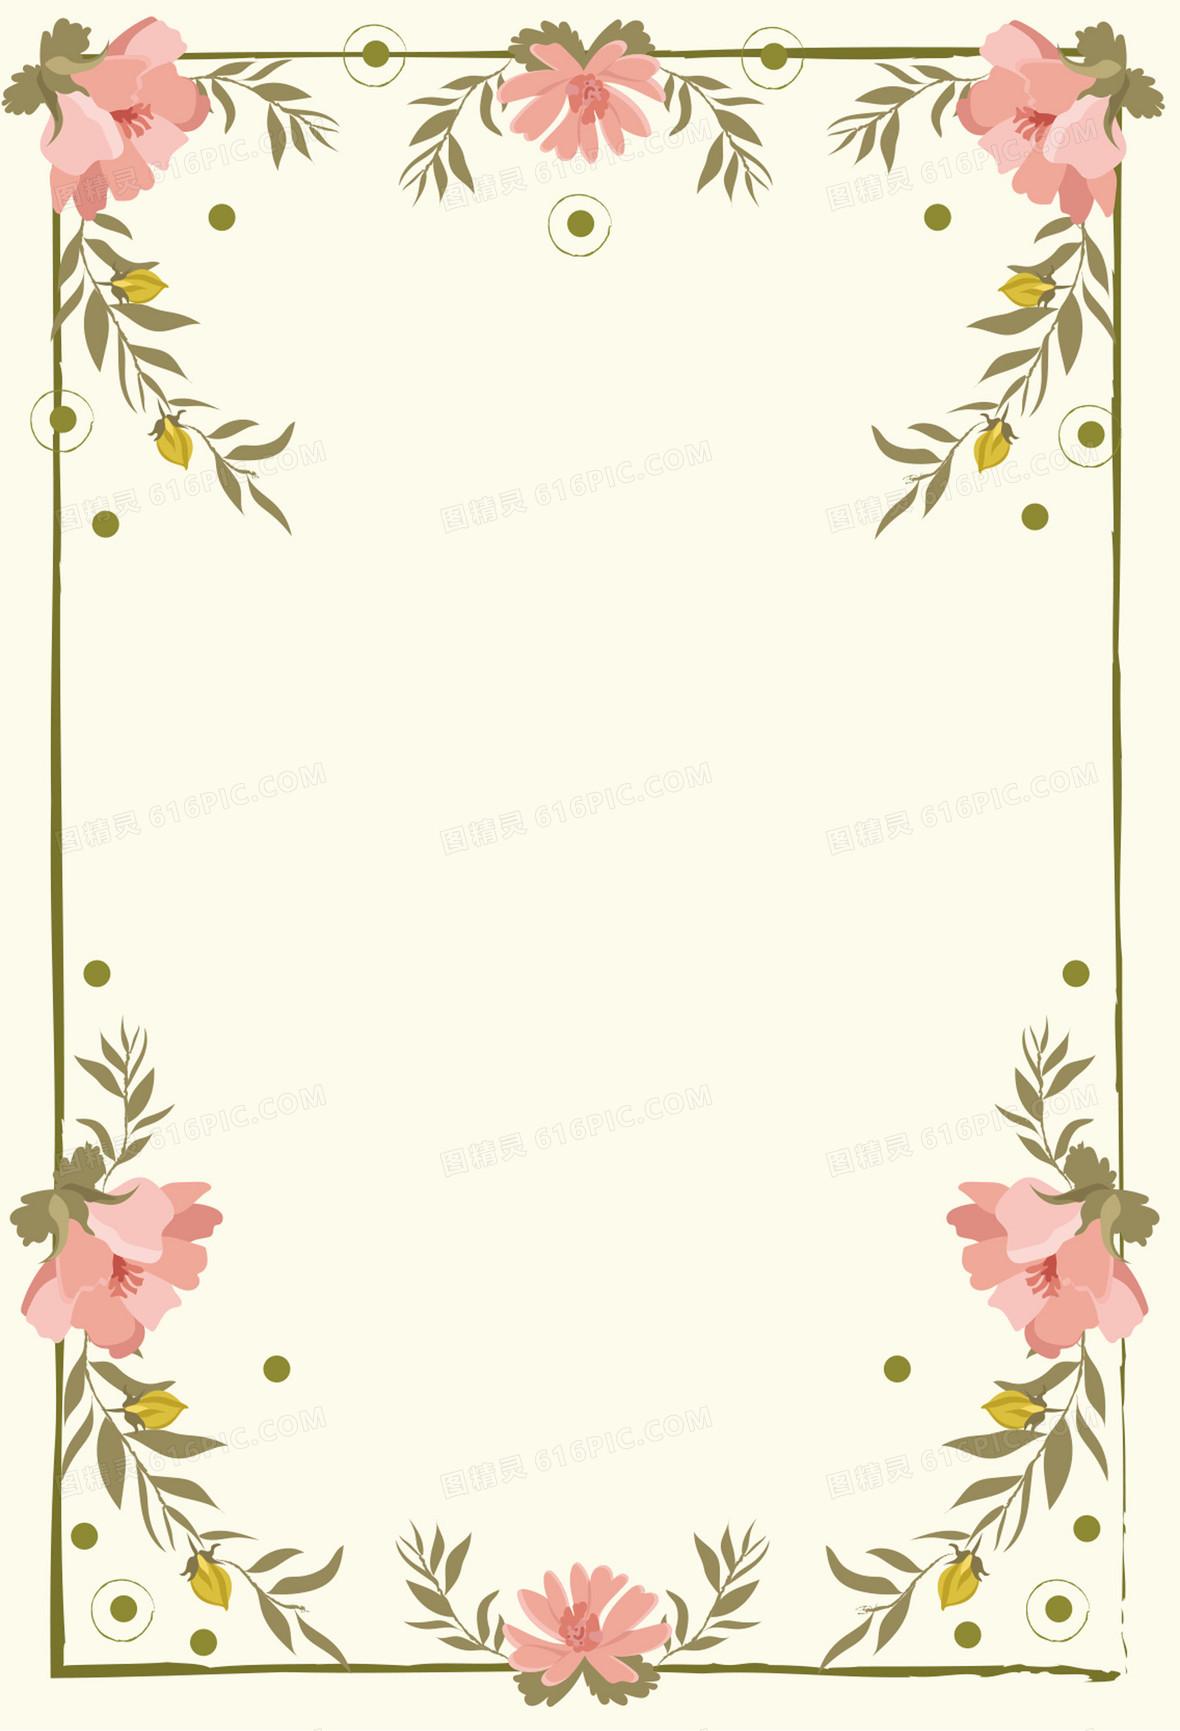 手绘黄色小清新婚礼卡片背景素材